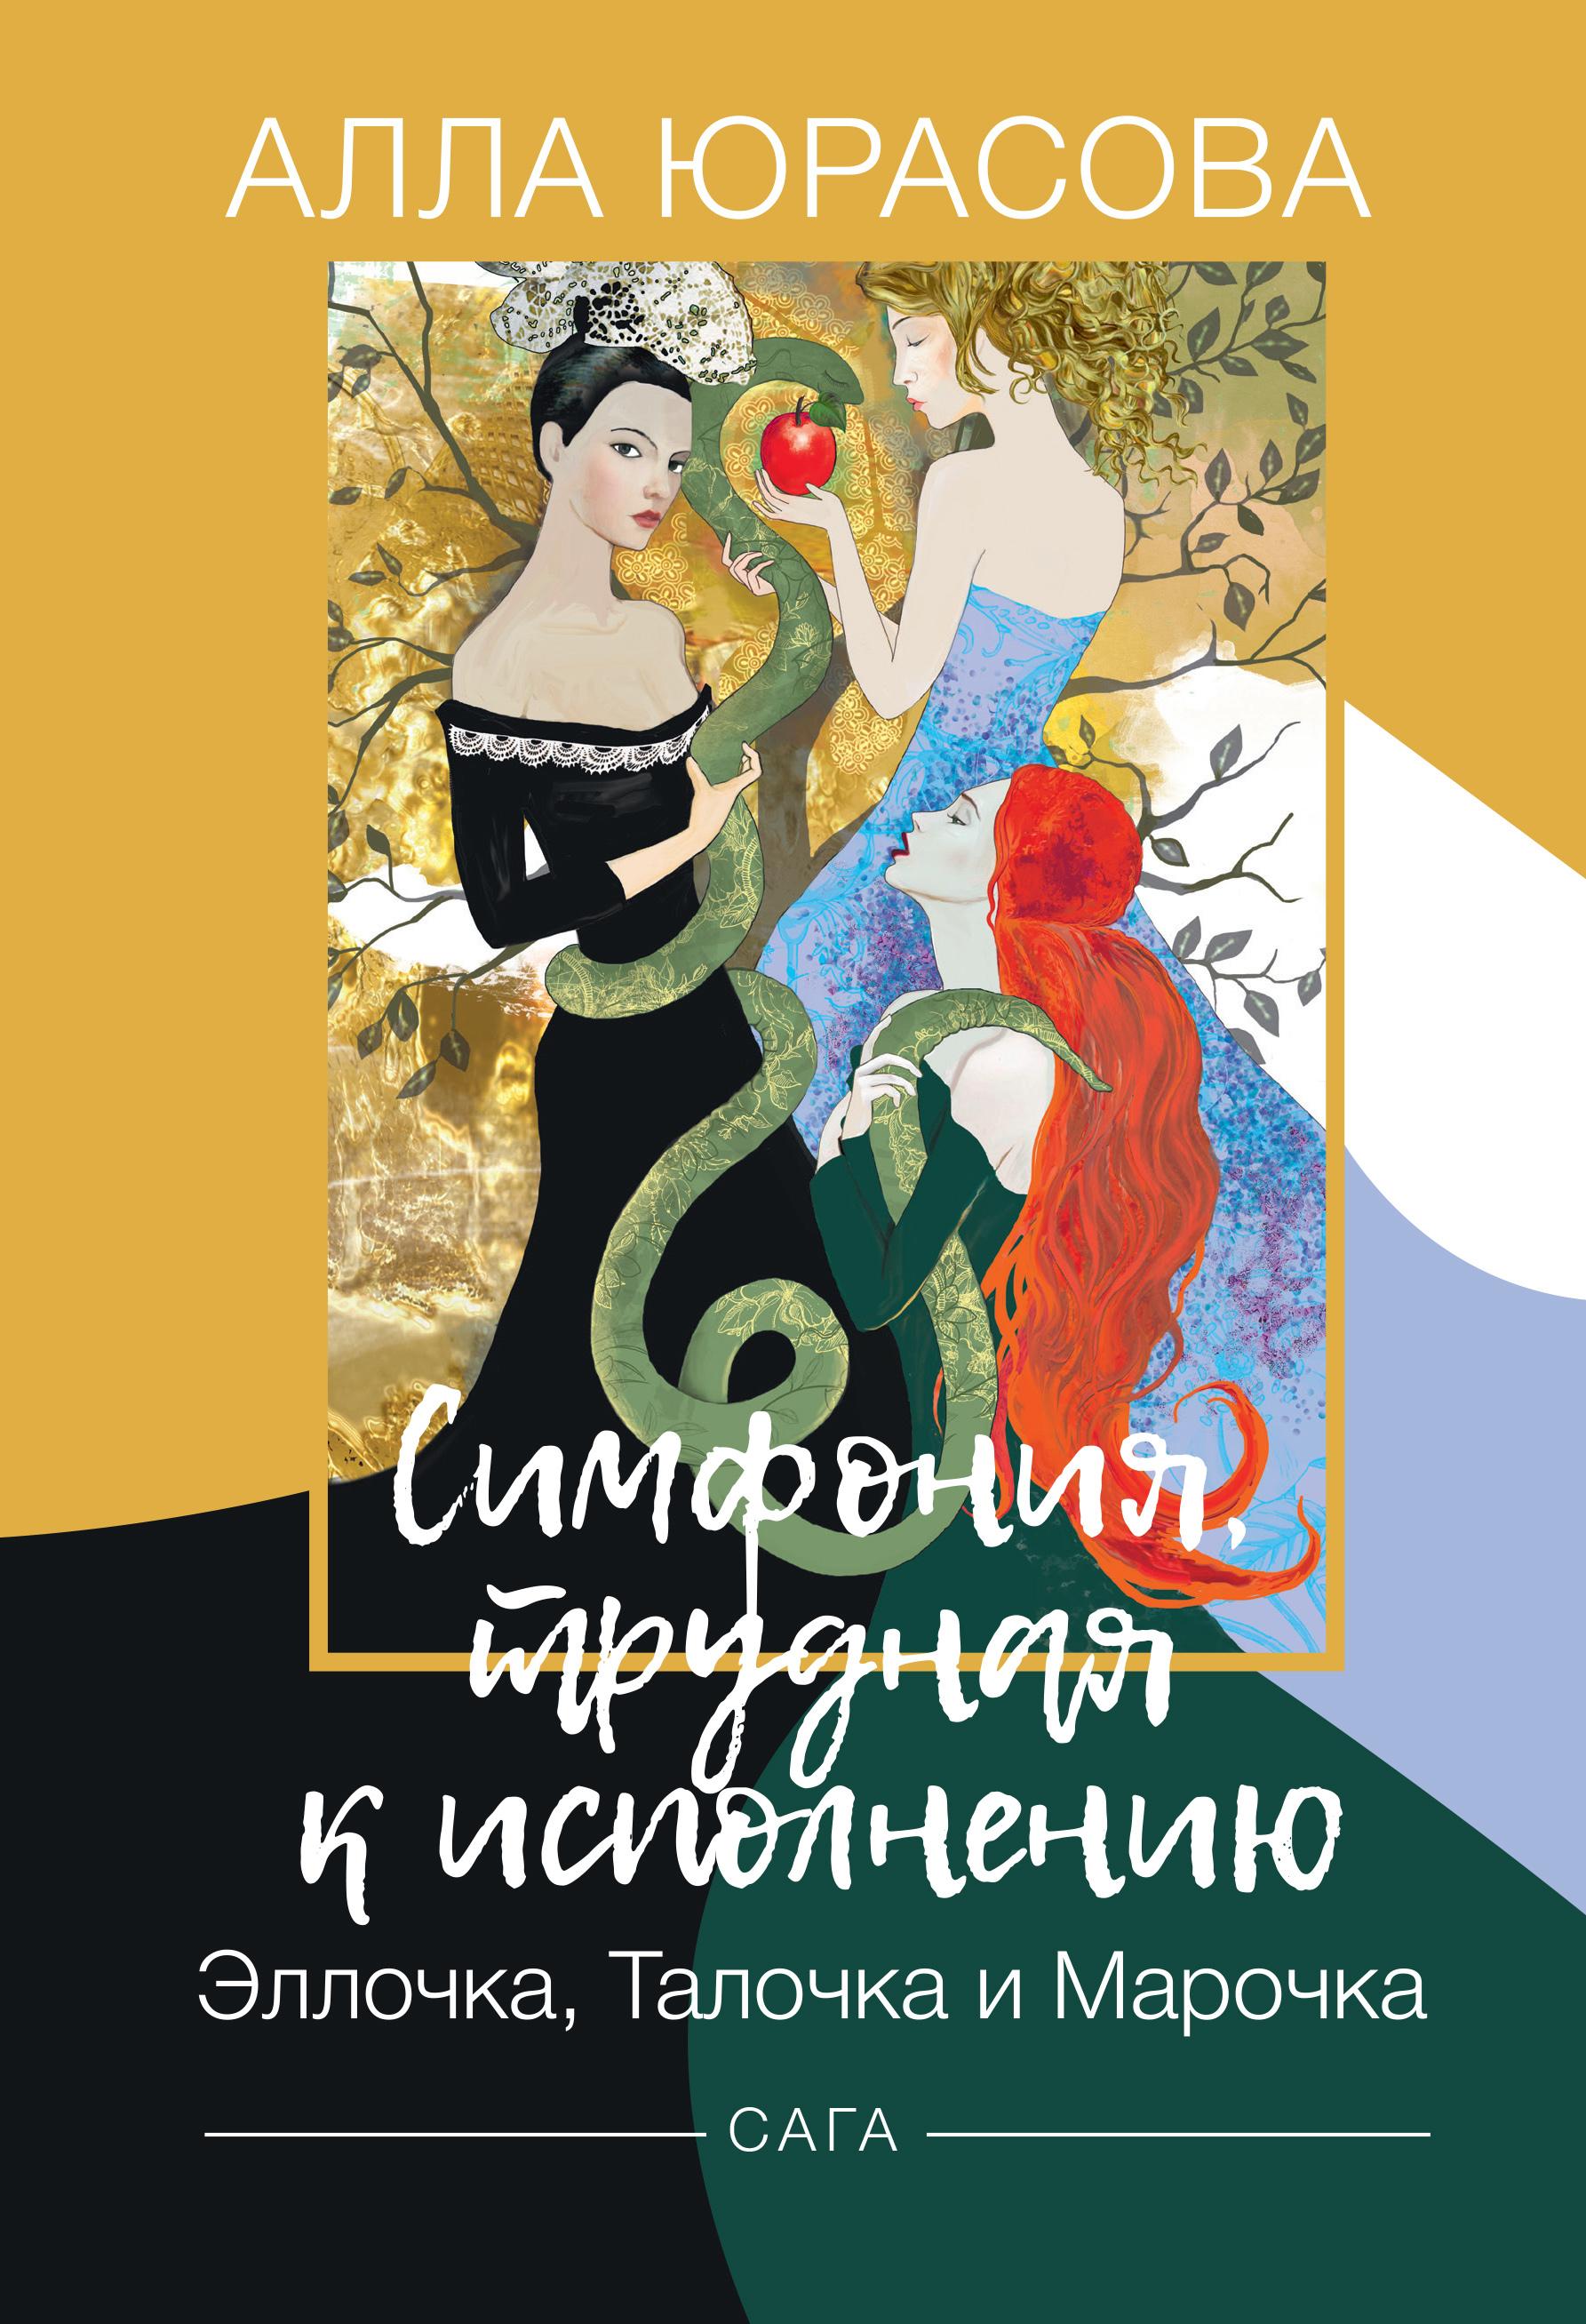 Купить книгу Симфония, трудная к исполнению. Эллочка, Талочка и Марочка, автора Аллы Юрасовой